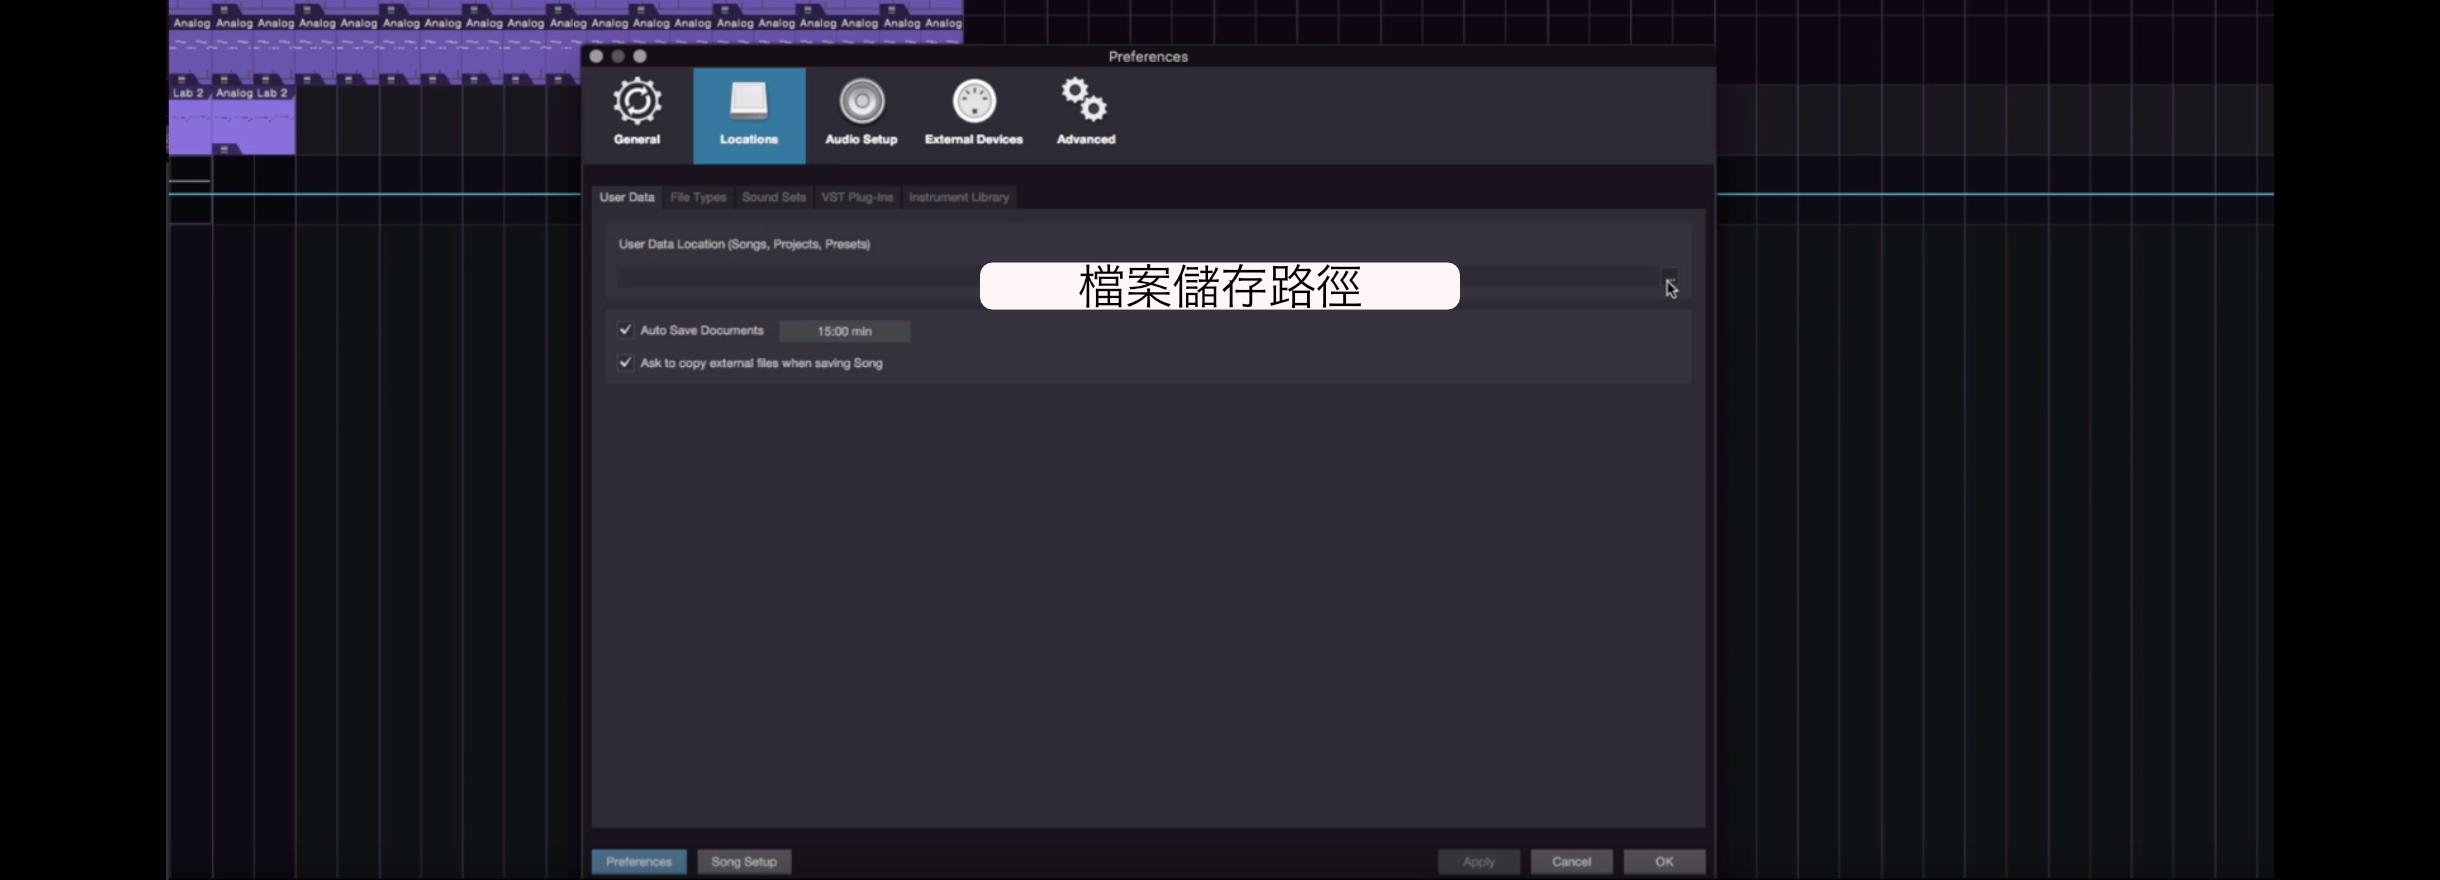 在一開始使用 Studio One 時,你可以需要設定一下你想要儲存 Studio One 檔案的位置,以及一些基本的設定;關於這些相關設定,你都可以在 Preference 中找到。